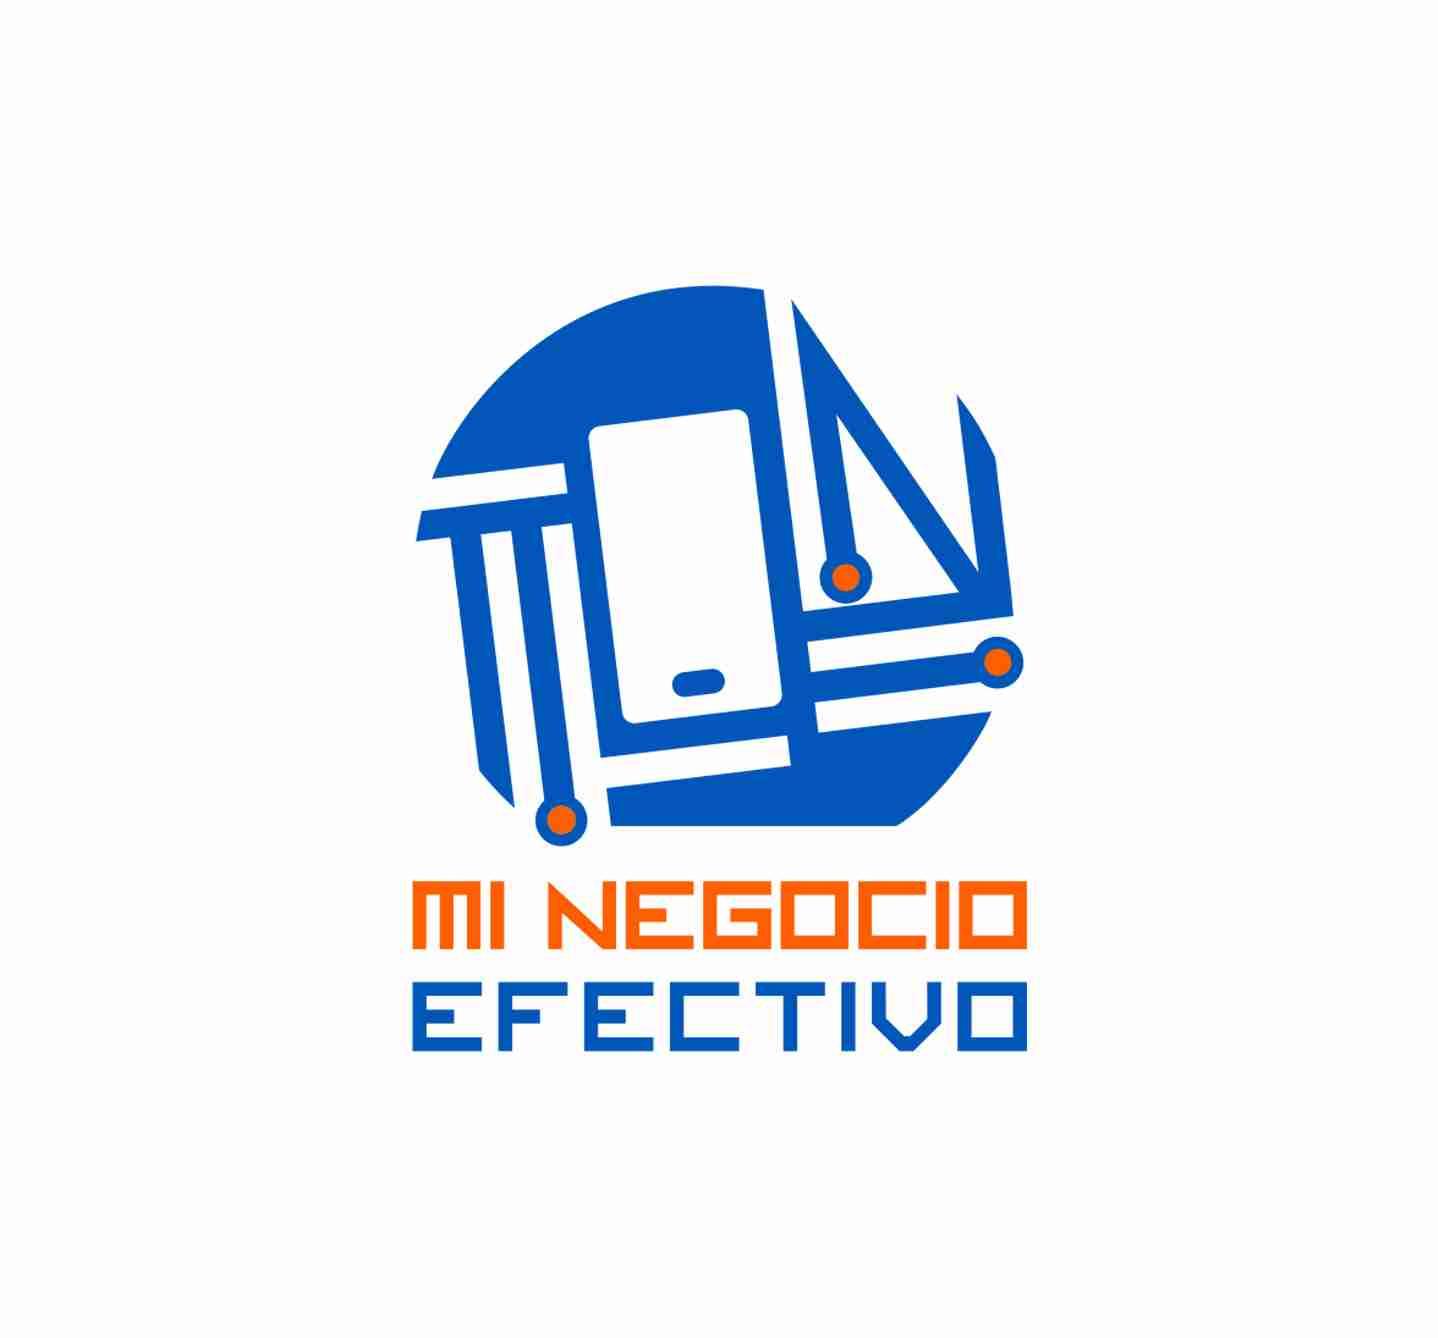 Mi negocio efectivo logo_RGB